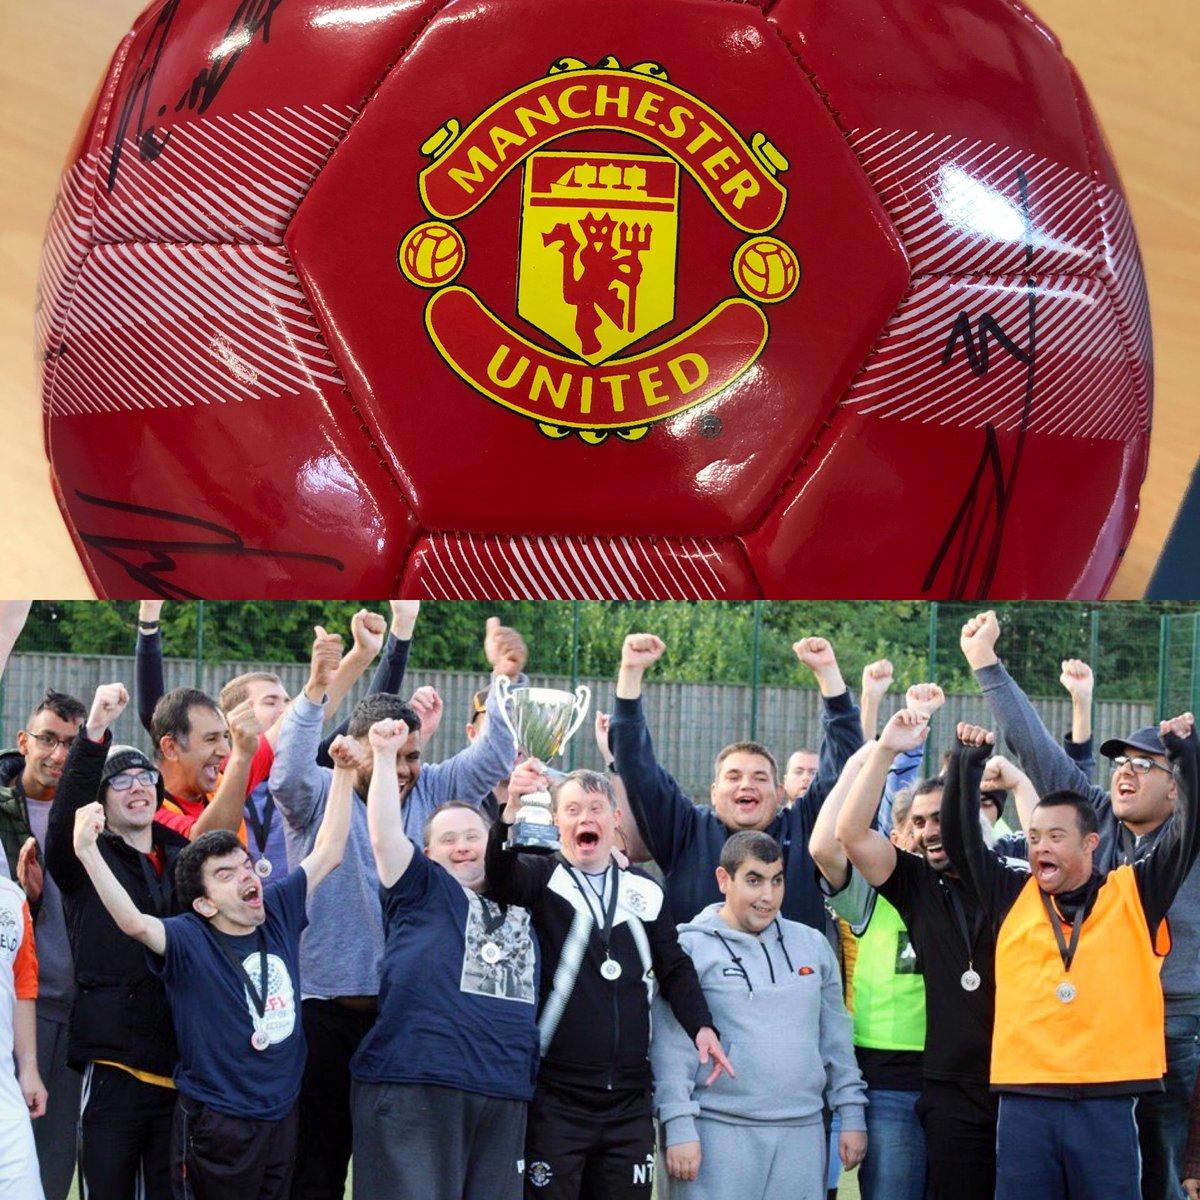 温情!曼联给联赛杯对手送出全体签名足球,助力慈善